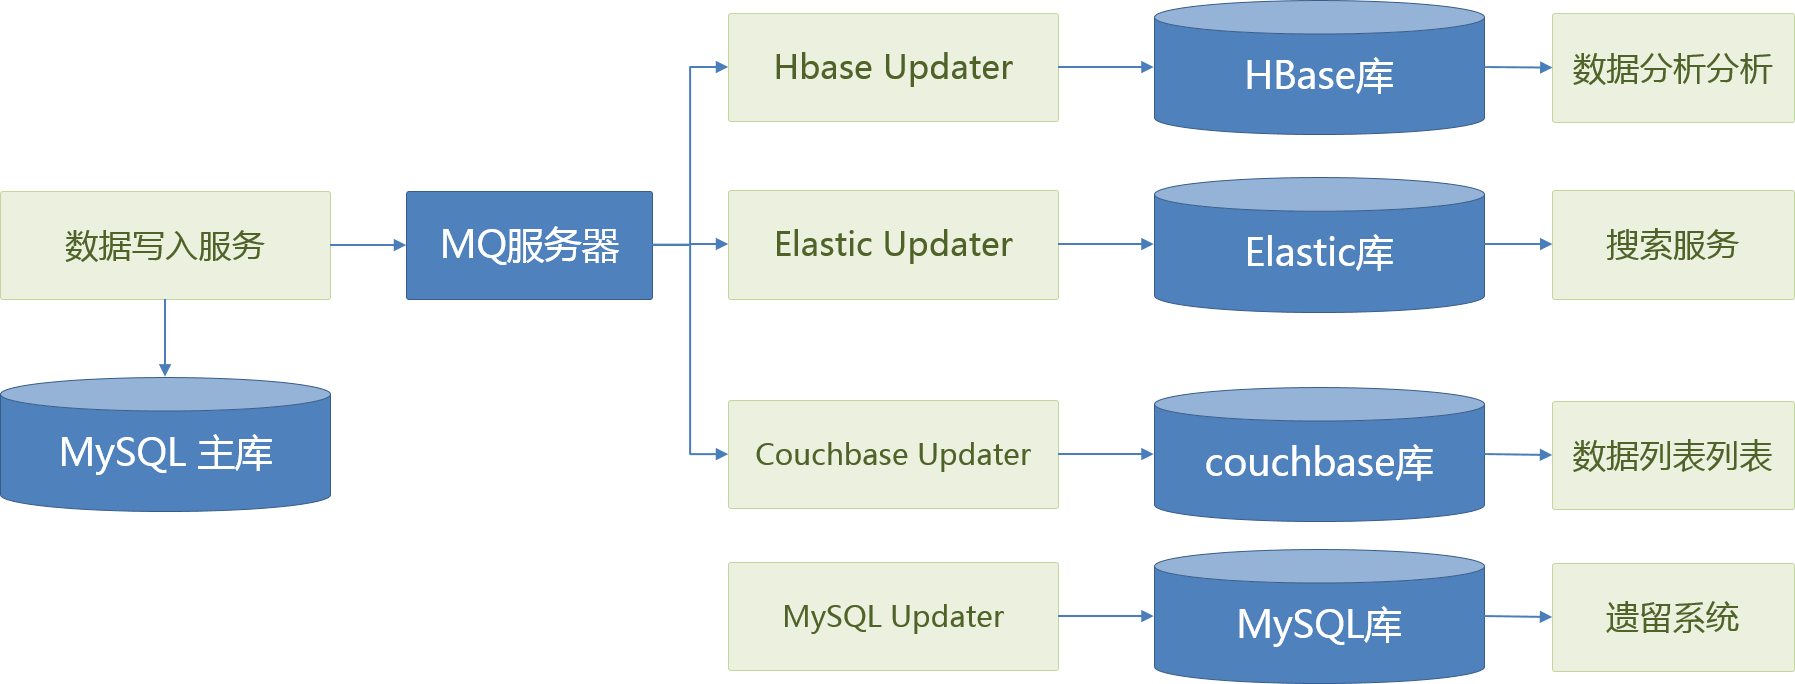 Image of Database Sync